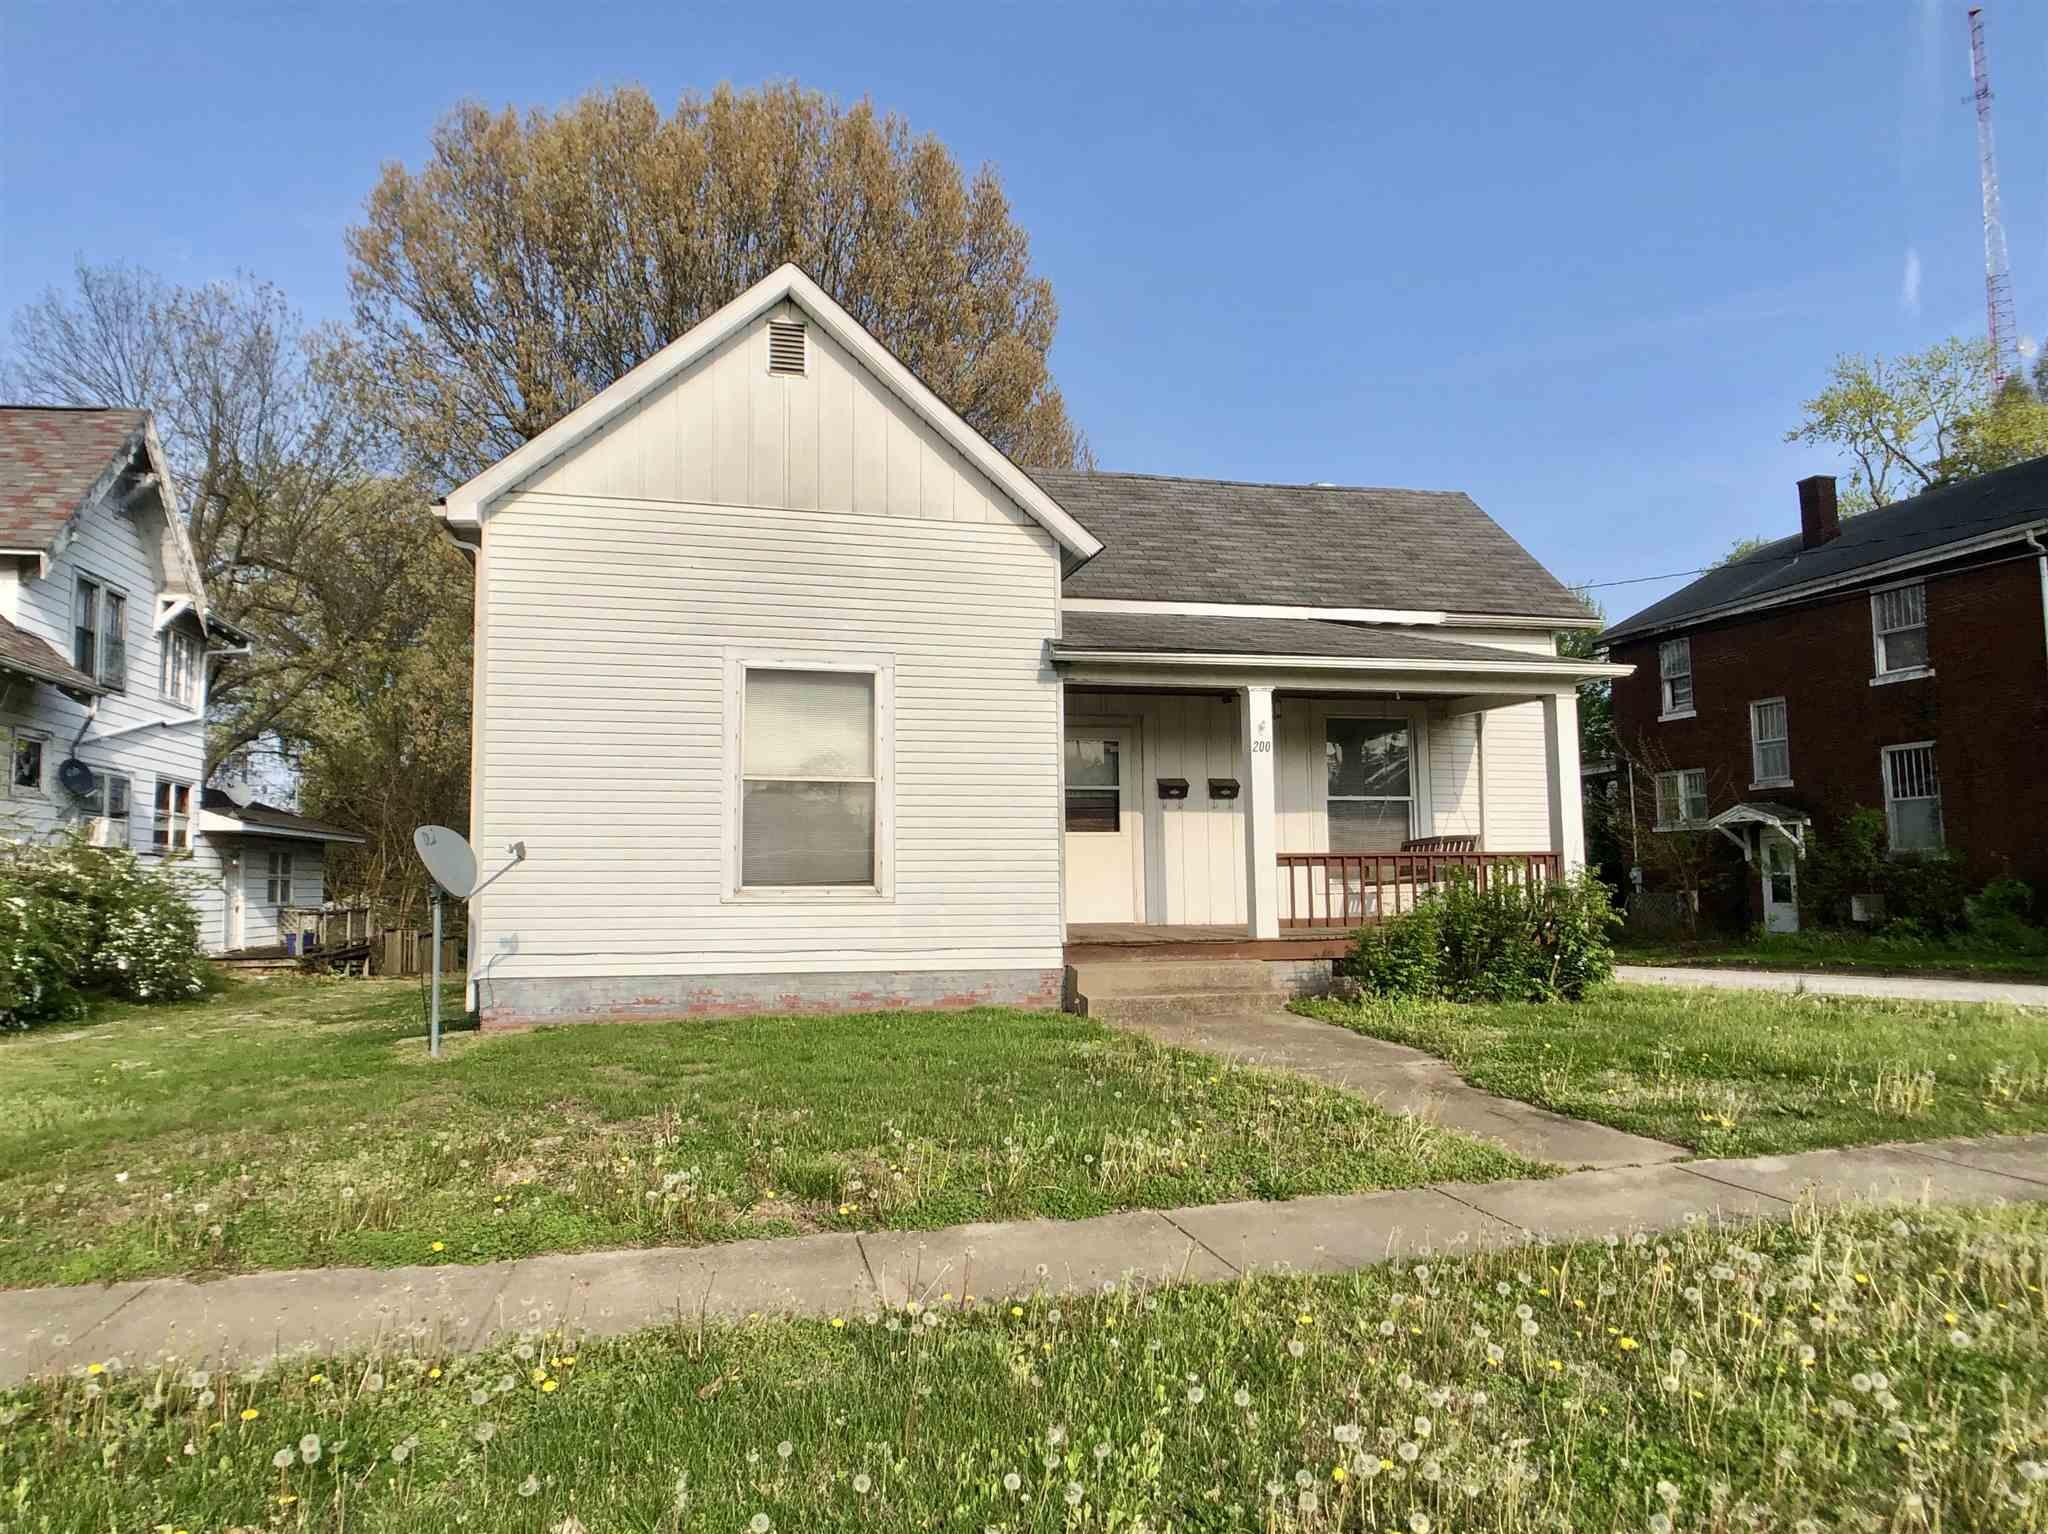 200 N WEBSTER Street Property Image